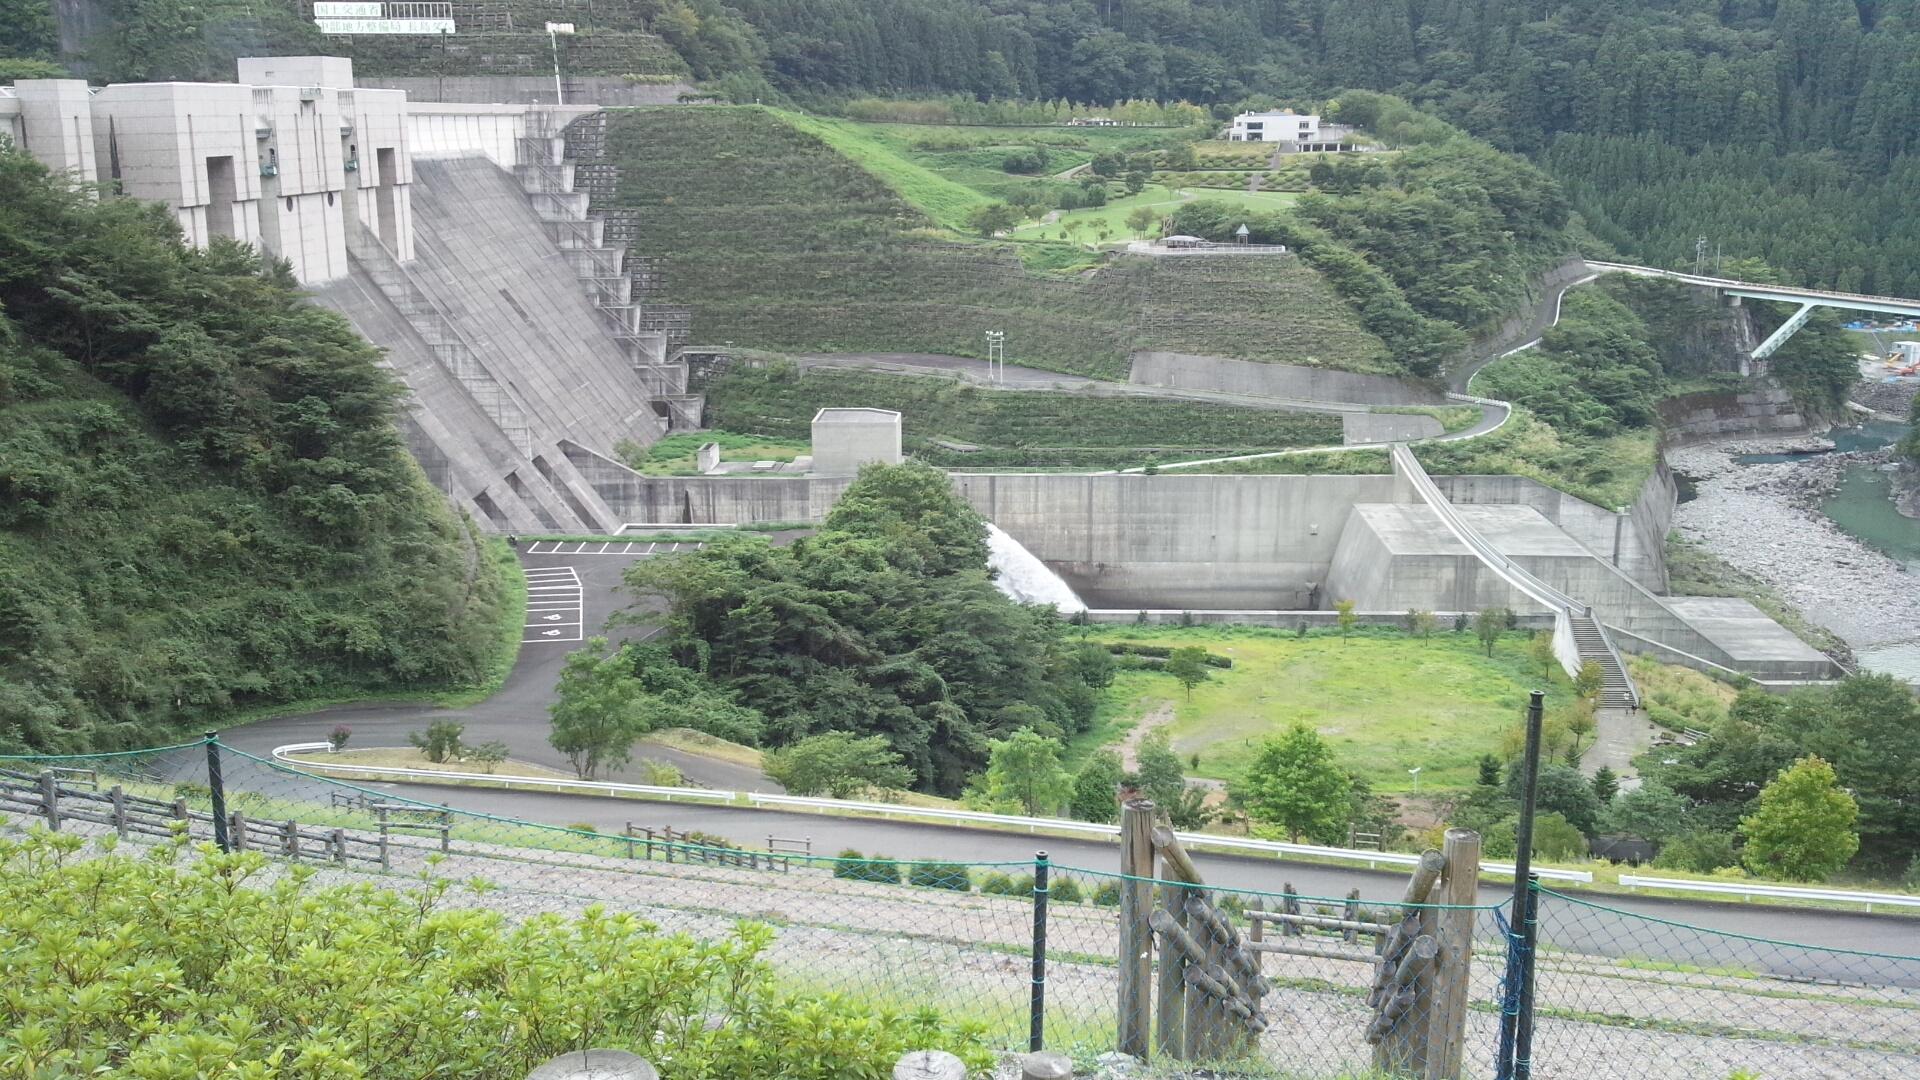 自転車の 自転車 マット ワックス : そして帰りは 長島ダム を見学 ...